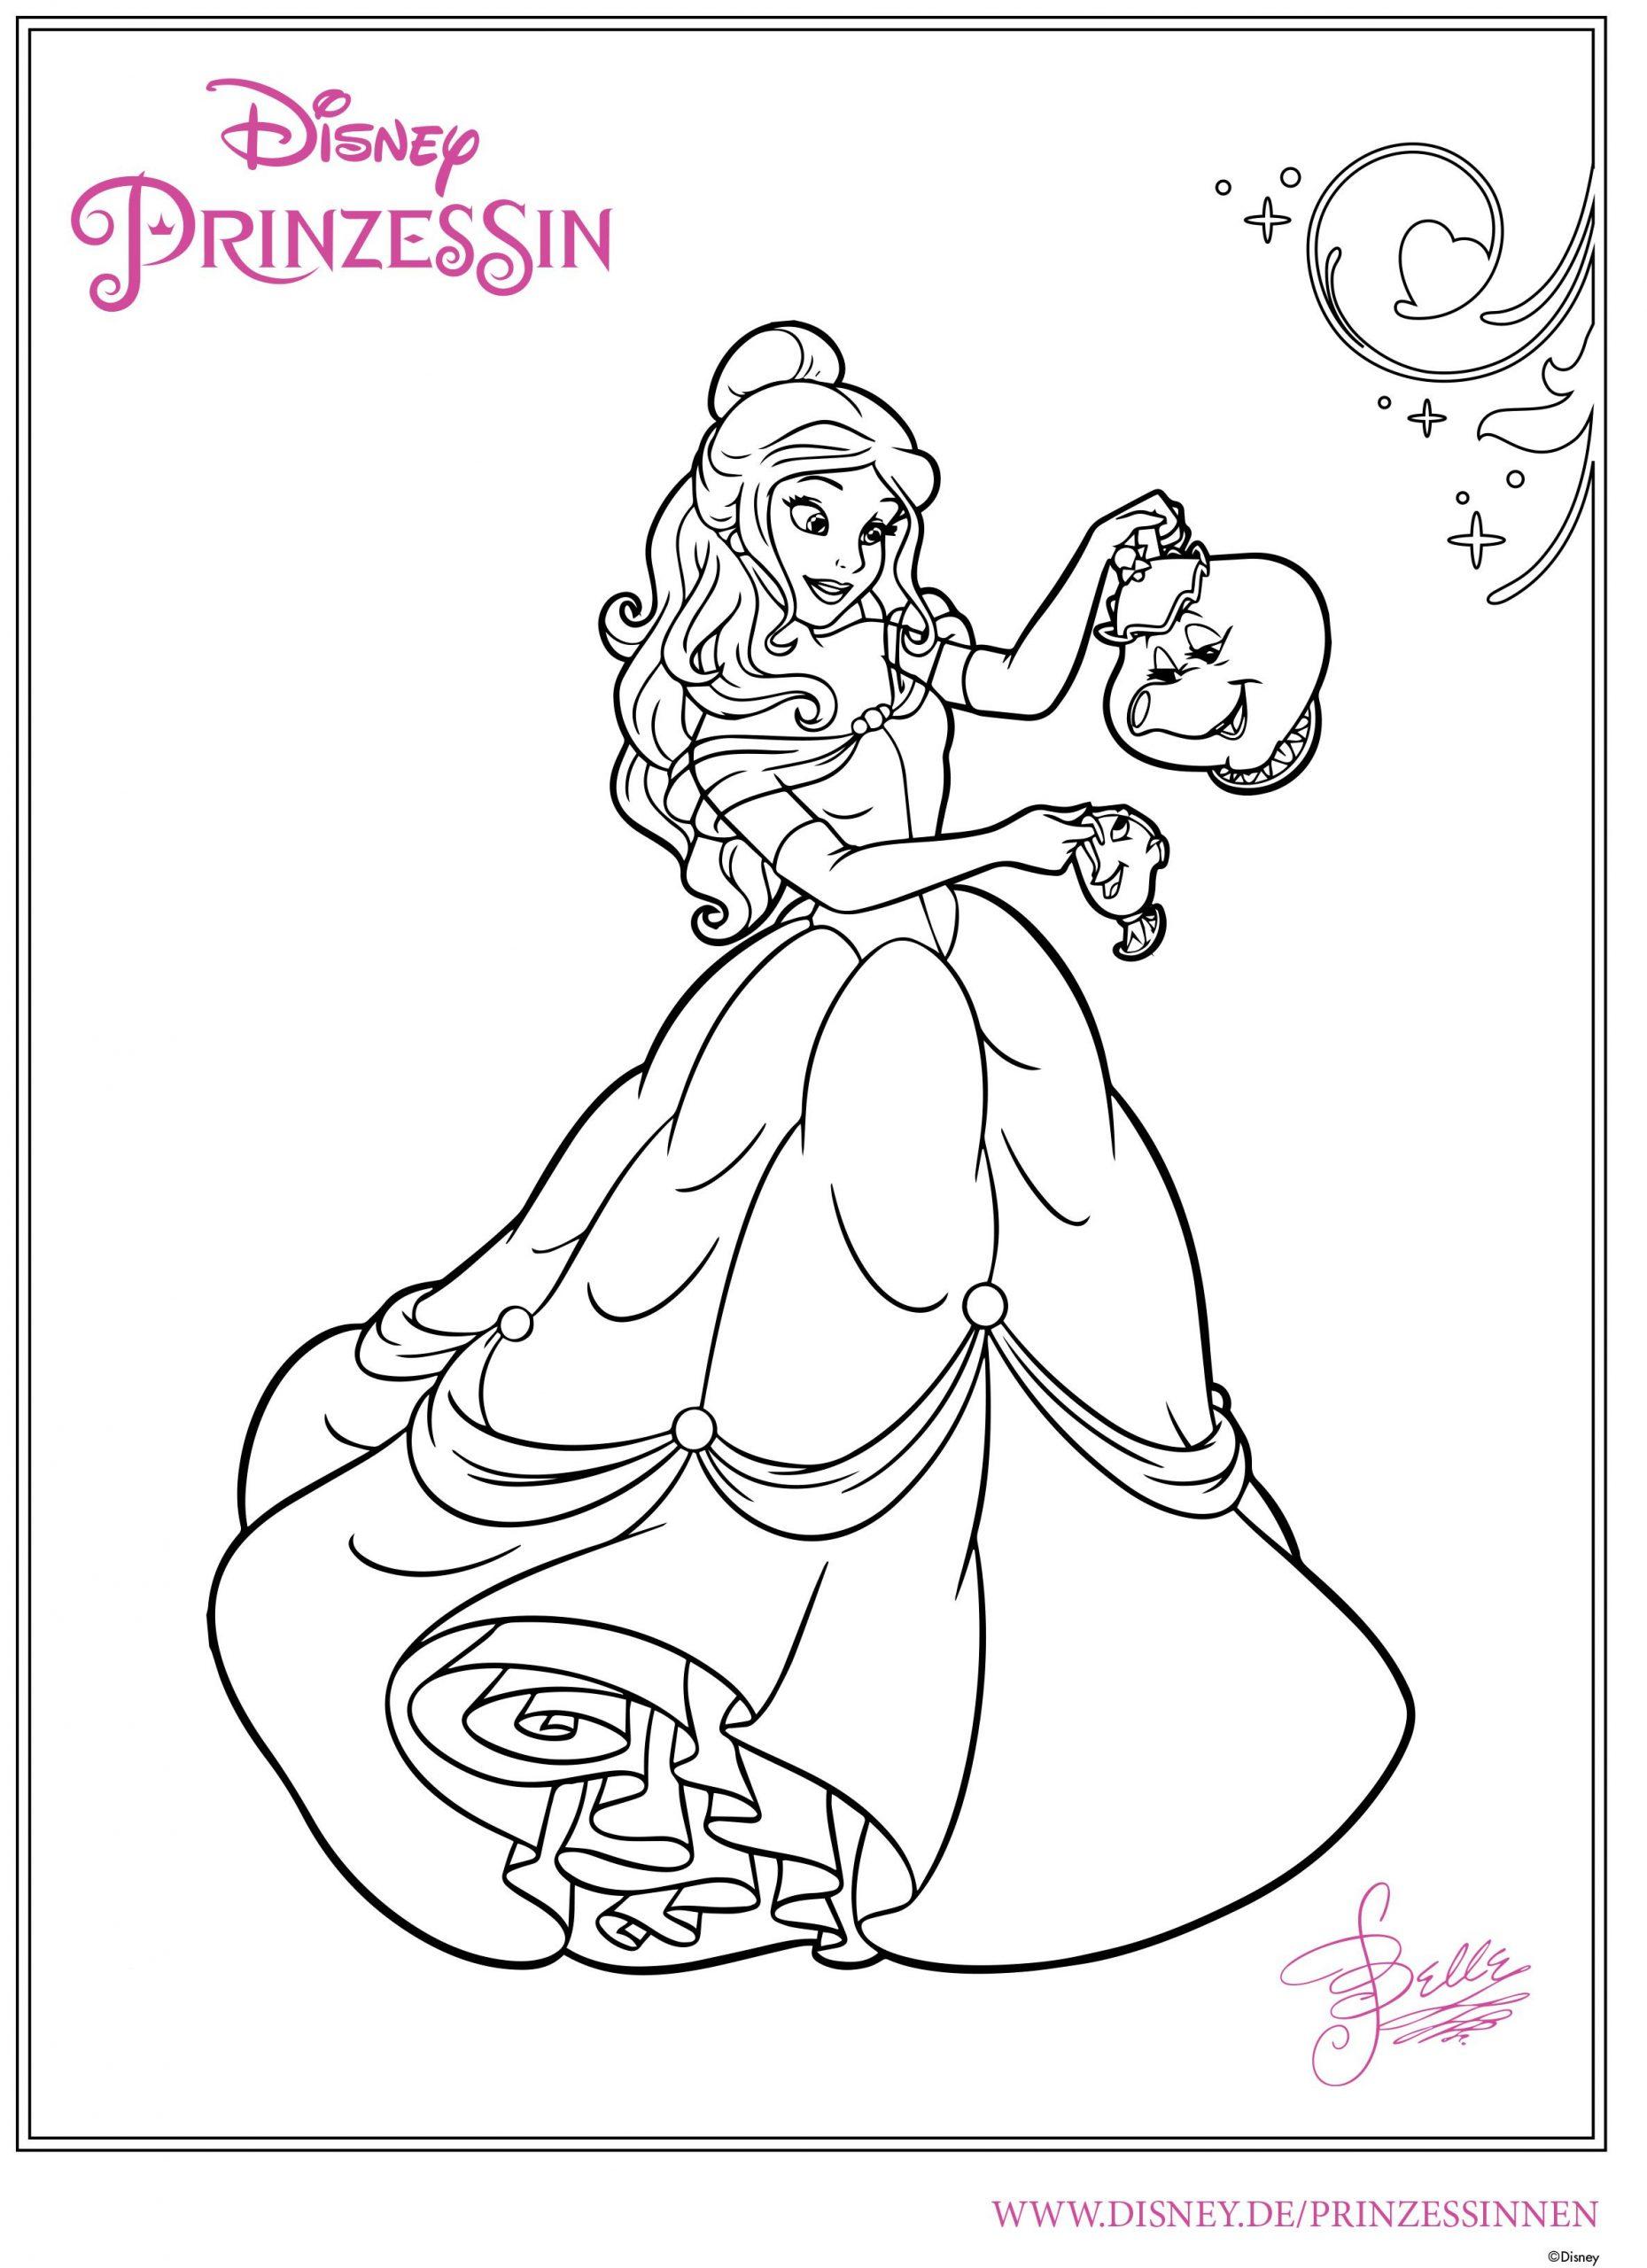 Ausmalbilder Belle 01 | Disney Malvorlagen, Ausmalbilder über Prinzessin Ausmalbilder Zum Drucken